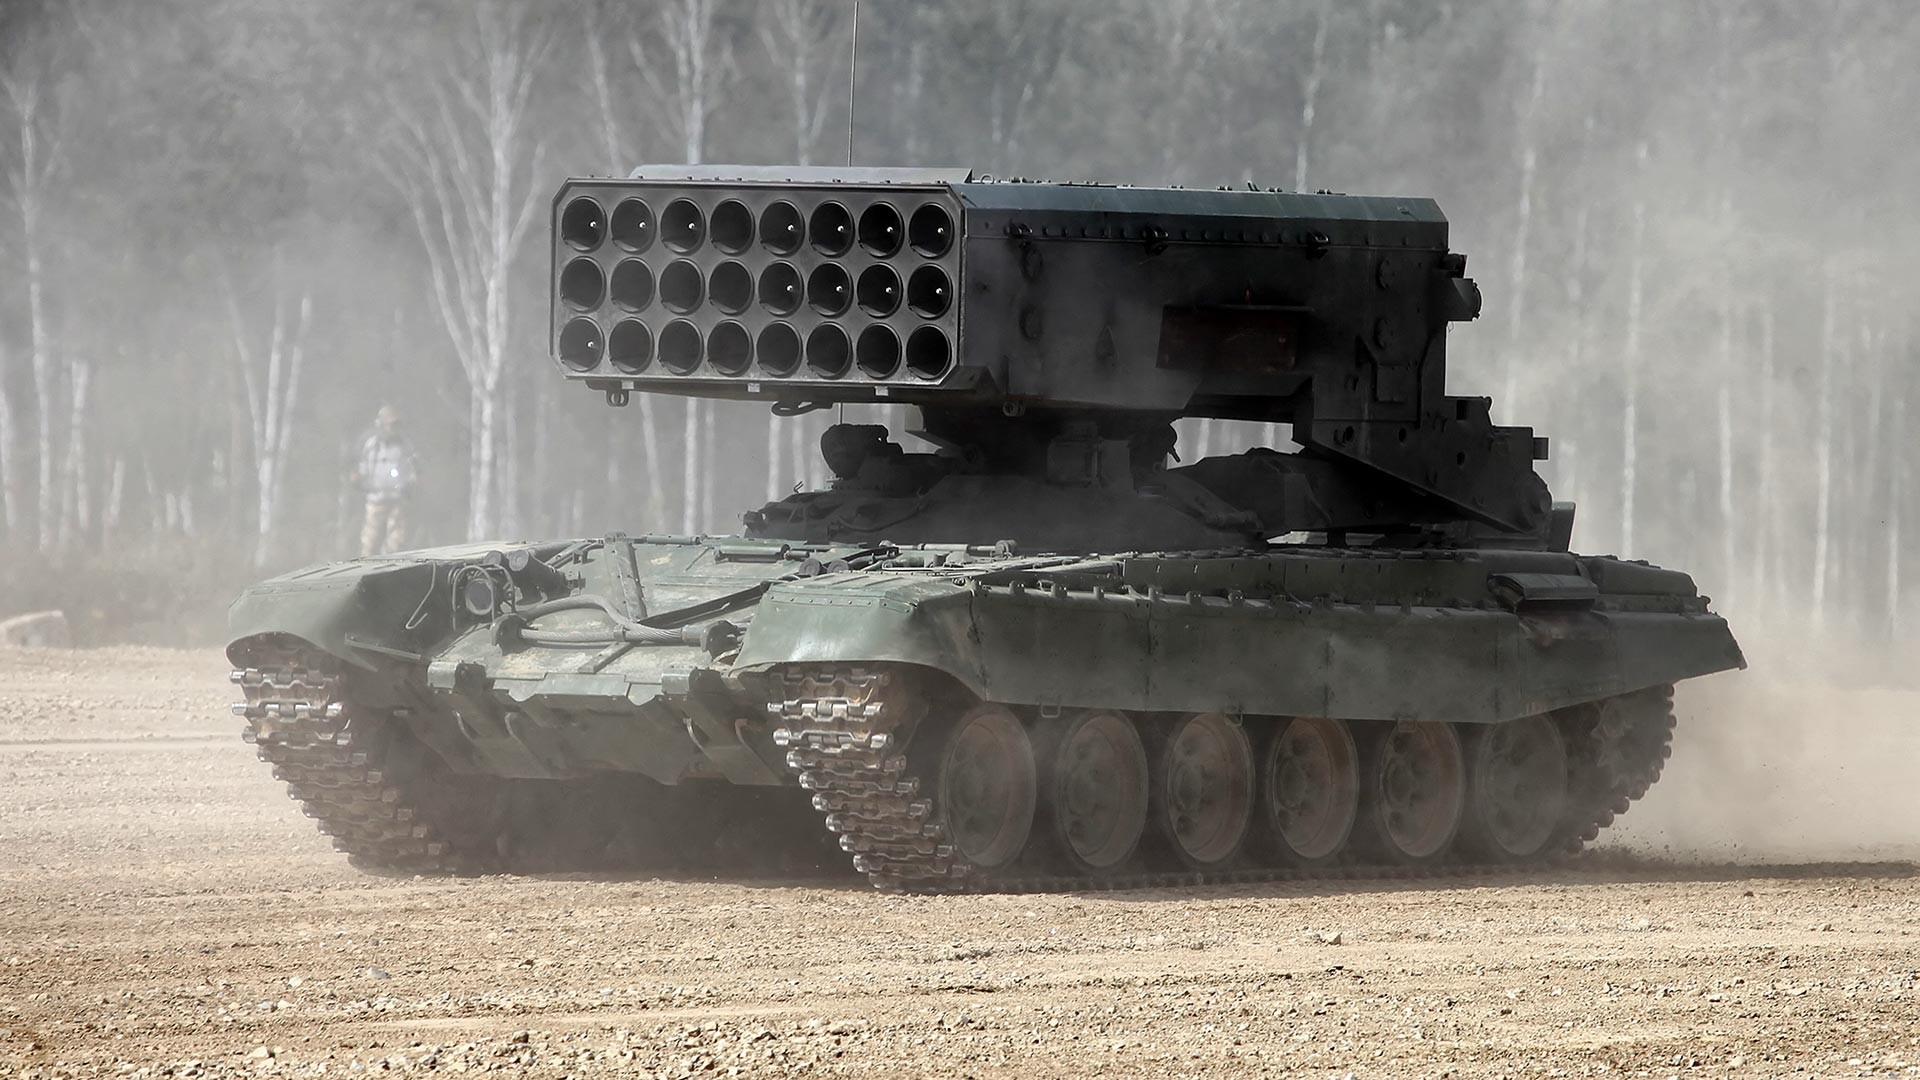 Kampffahrzeug BM-1 des schweren Flammenwerfersystems TOS-1A Solntsepek.